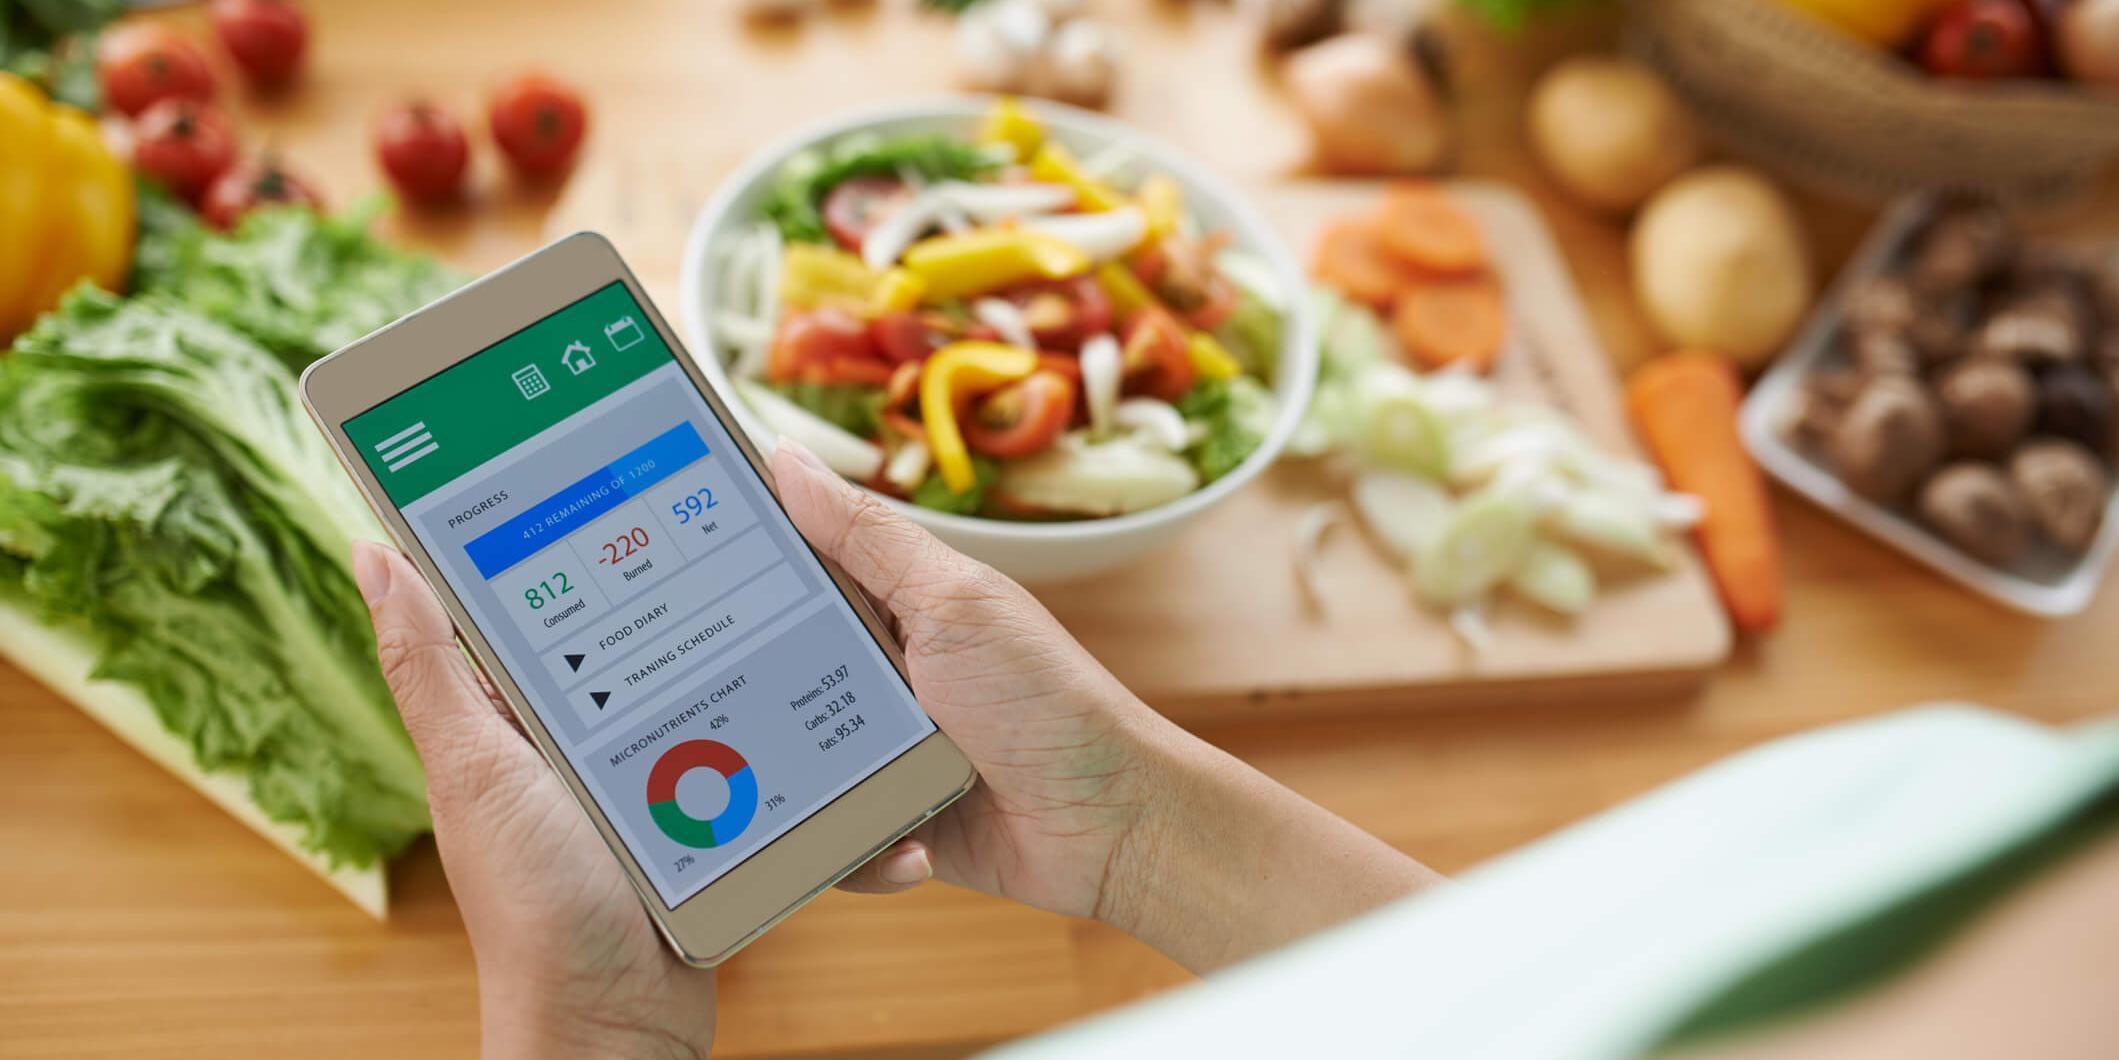 Santé et objets connectés : de quoi parle-t-on ?